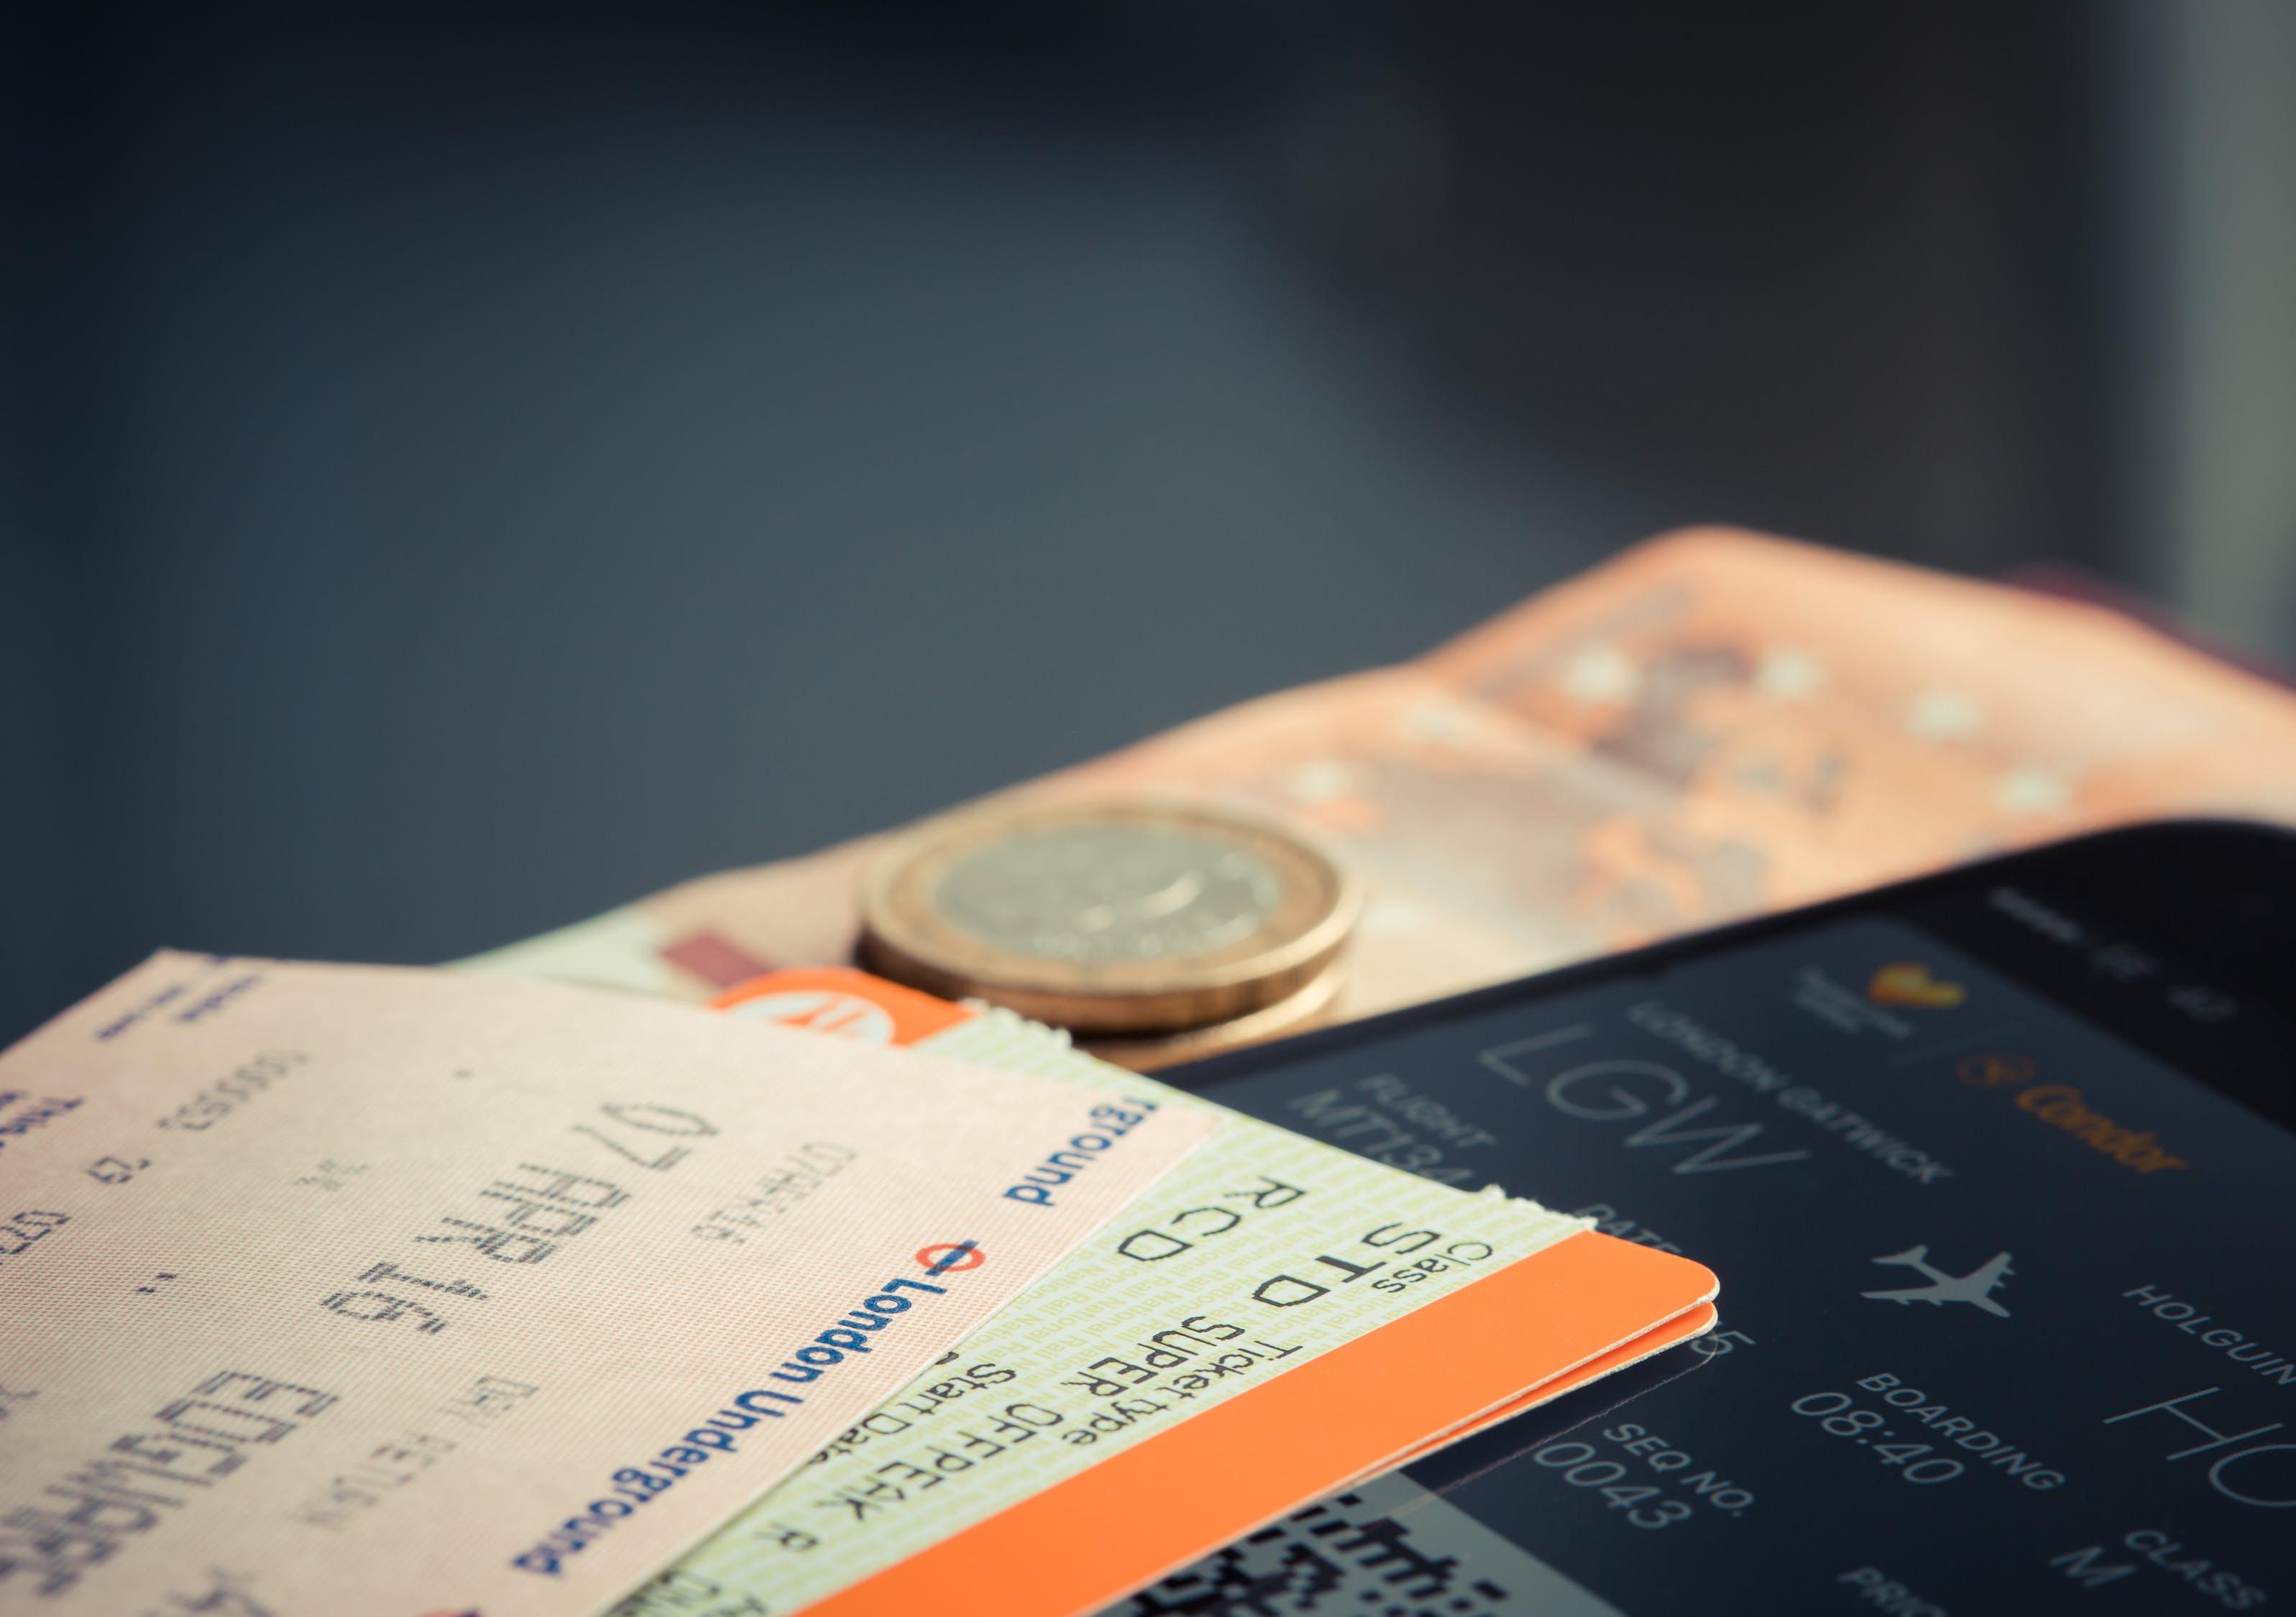 cestovanie, cestovať, cestovných dokladov